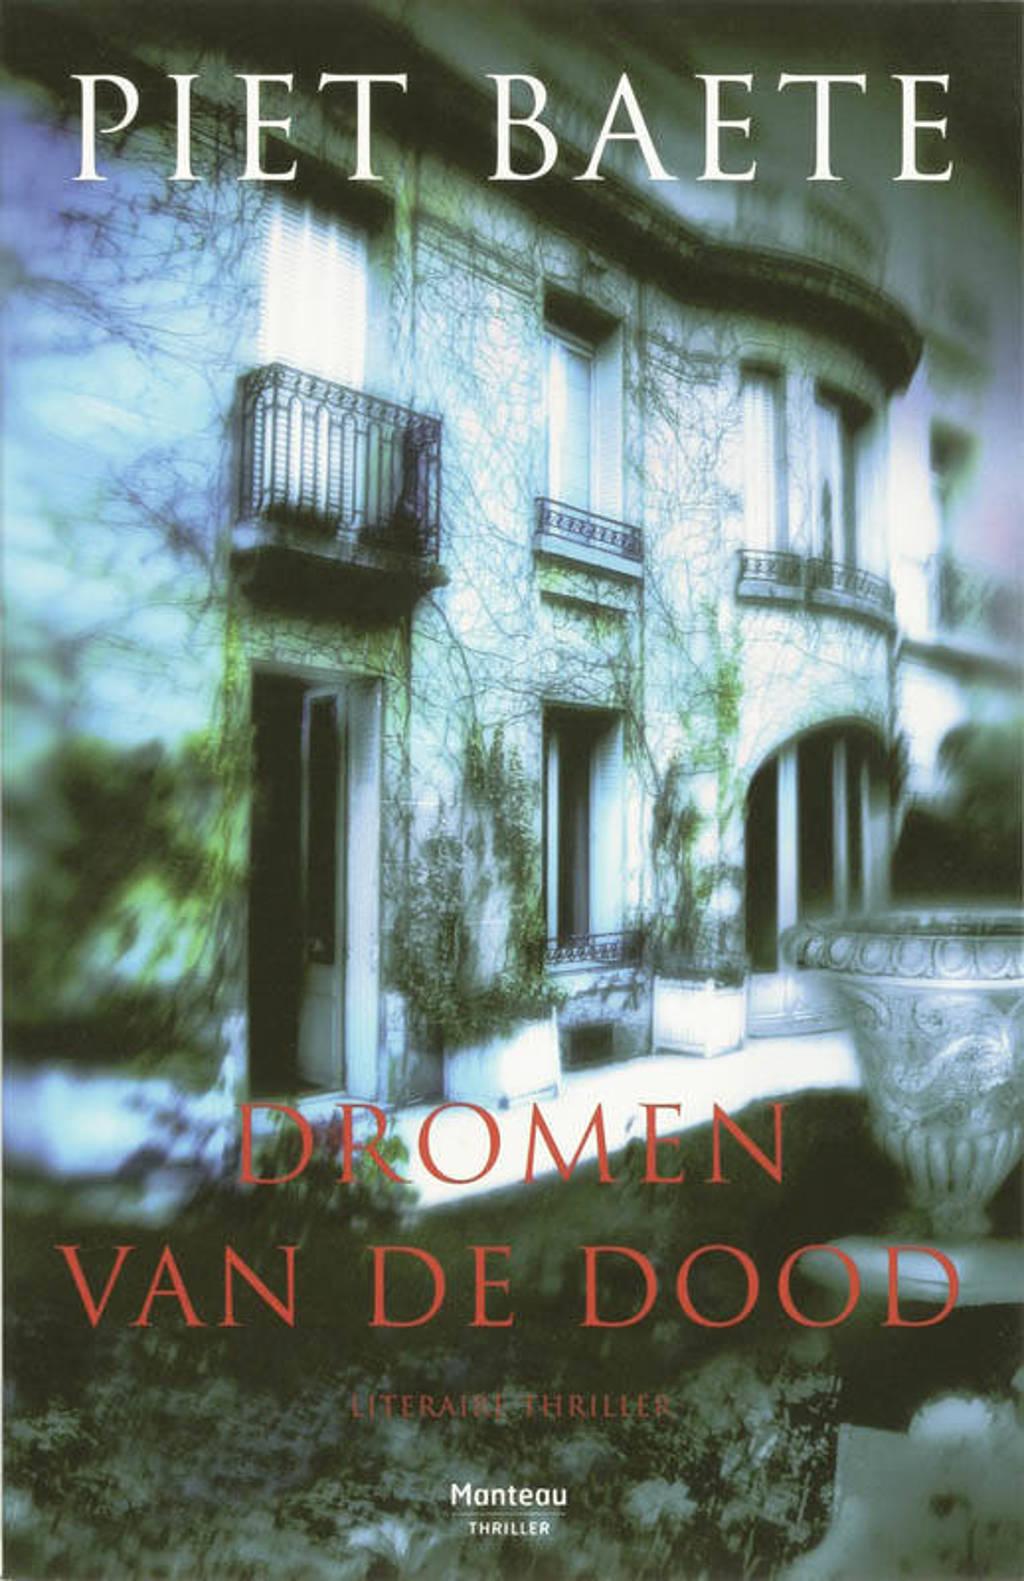 Dromen van de dood - Piet Baete